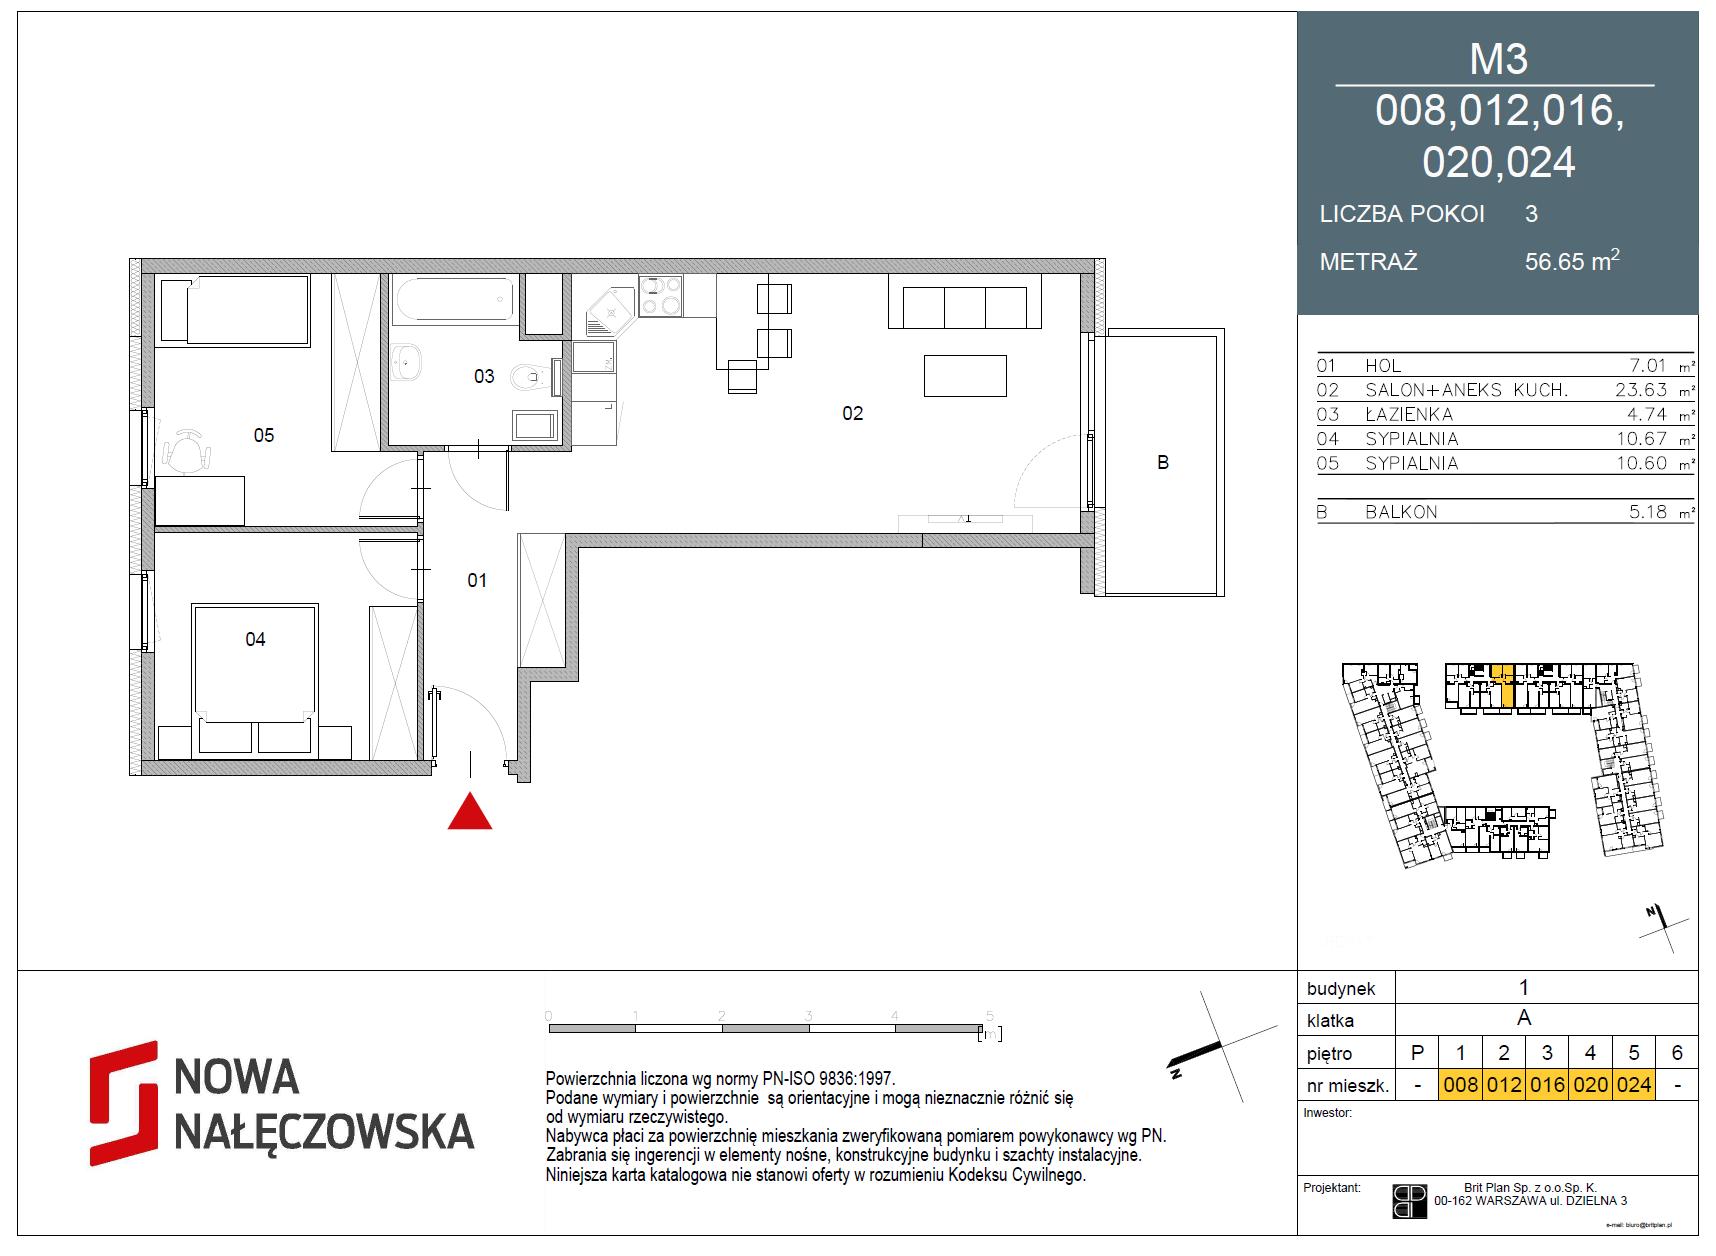 Mieszkanie numer 008